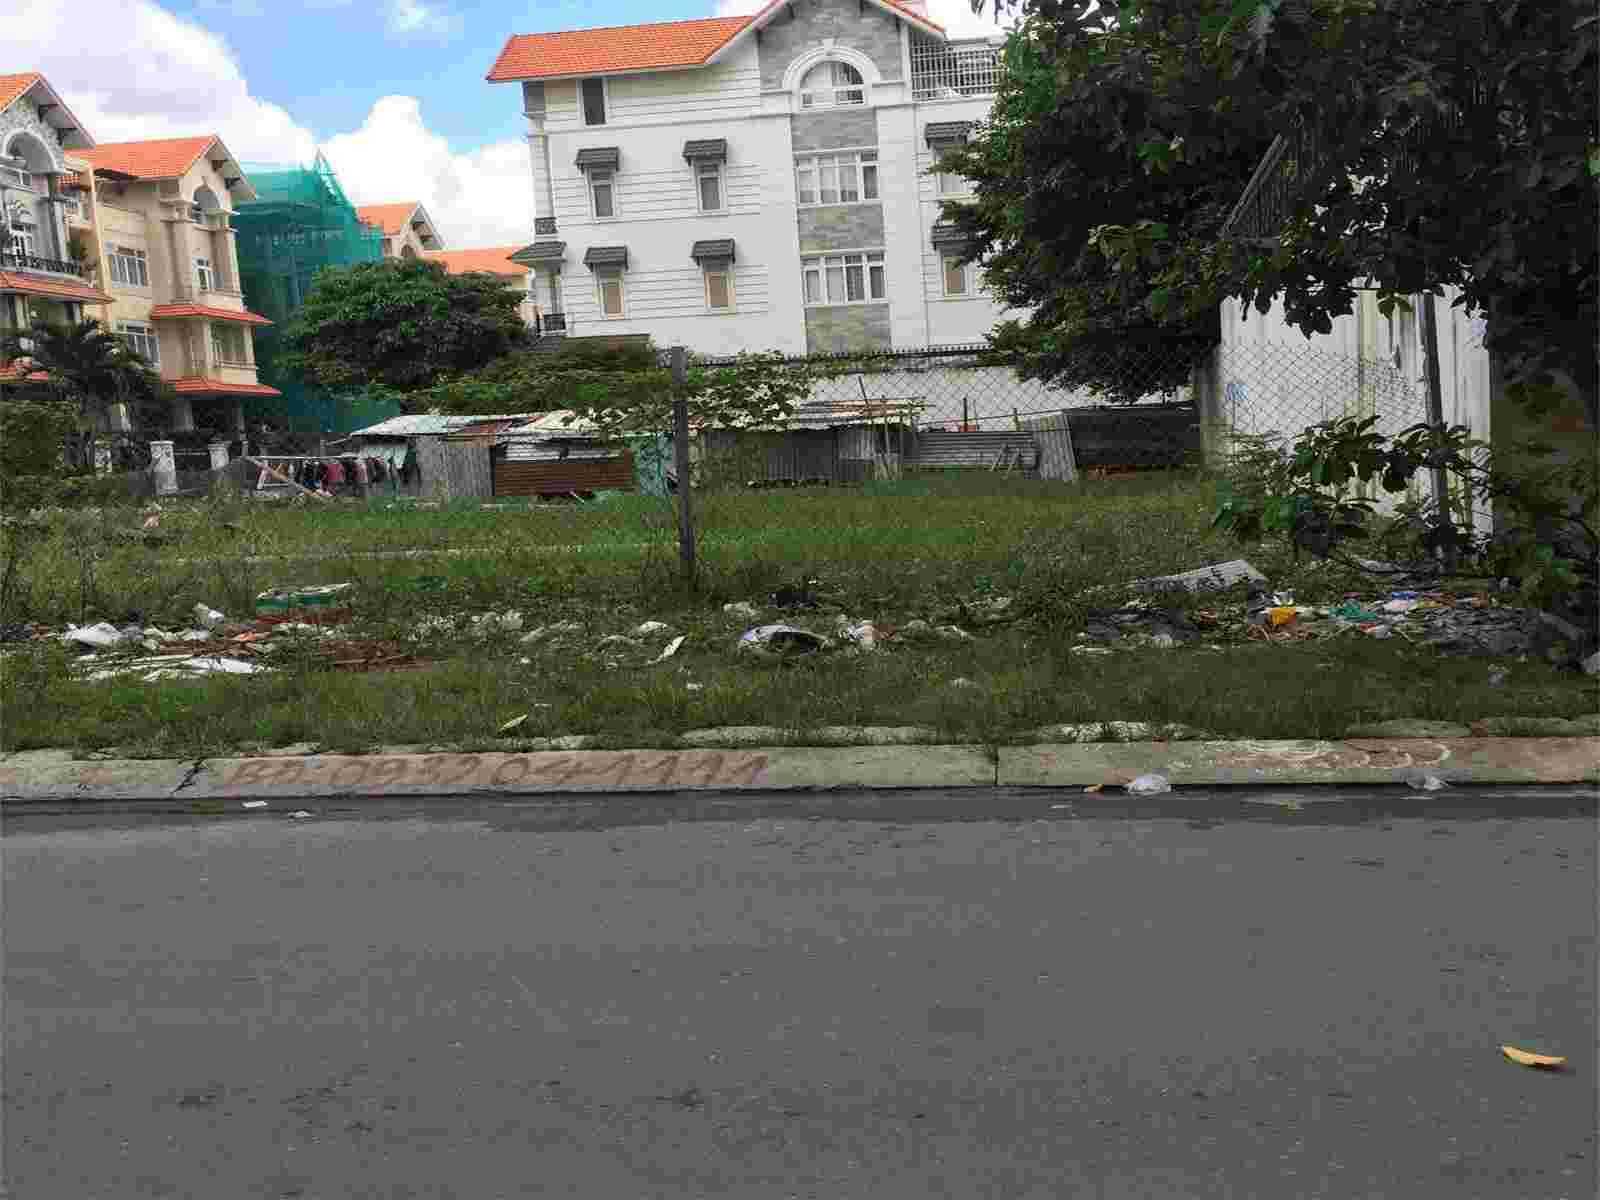 Bán đất nhà phố Him Lam Kênh Tẻ Quận 7, vị trí đẹp, giá 14 tỷ. LH: 0913.050.053  Mr Huynh.